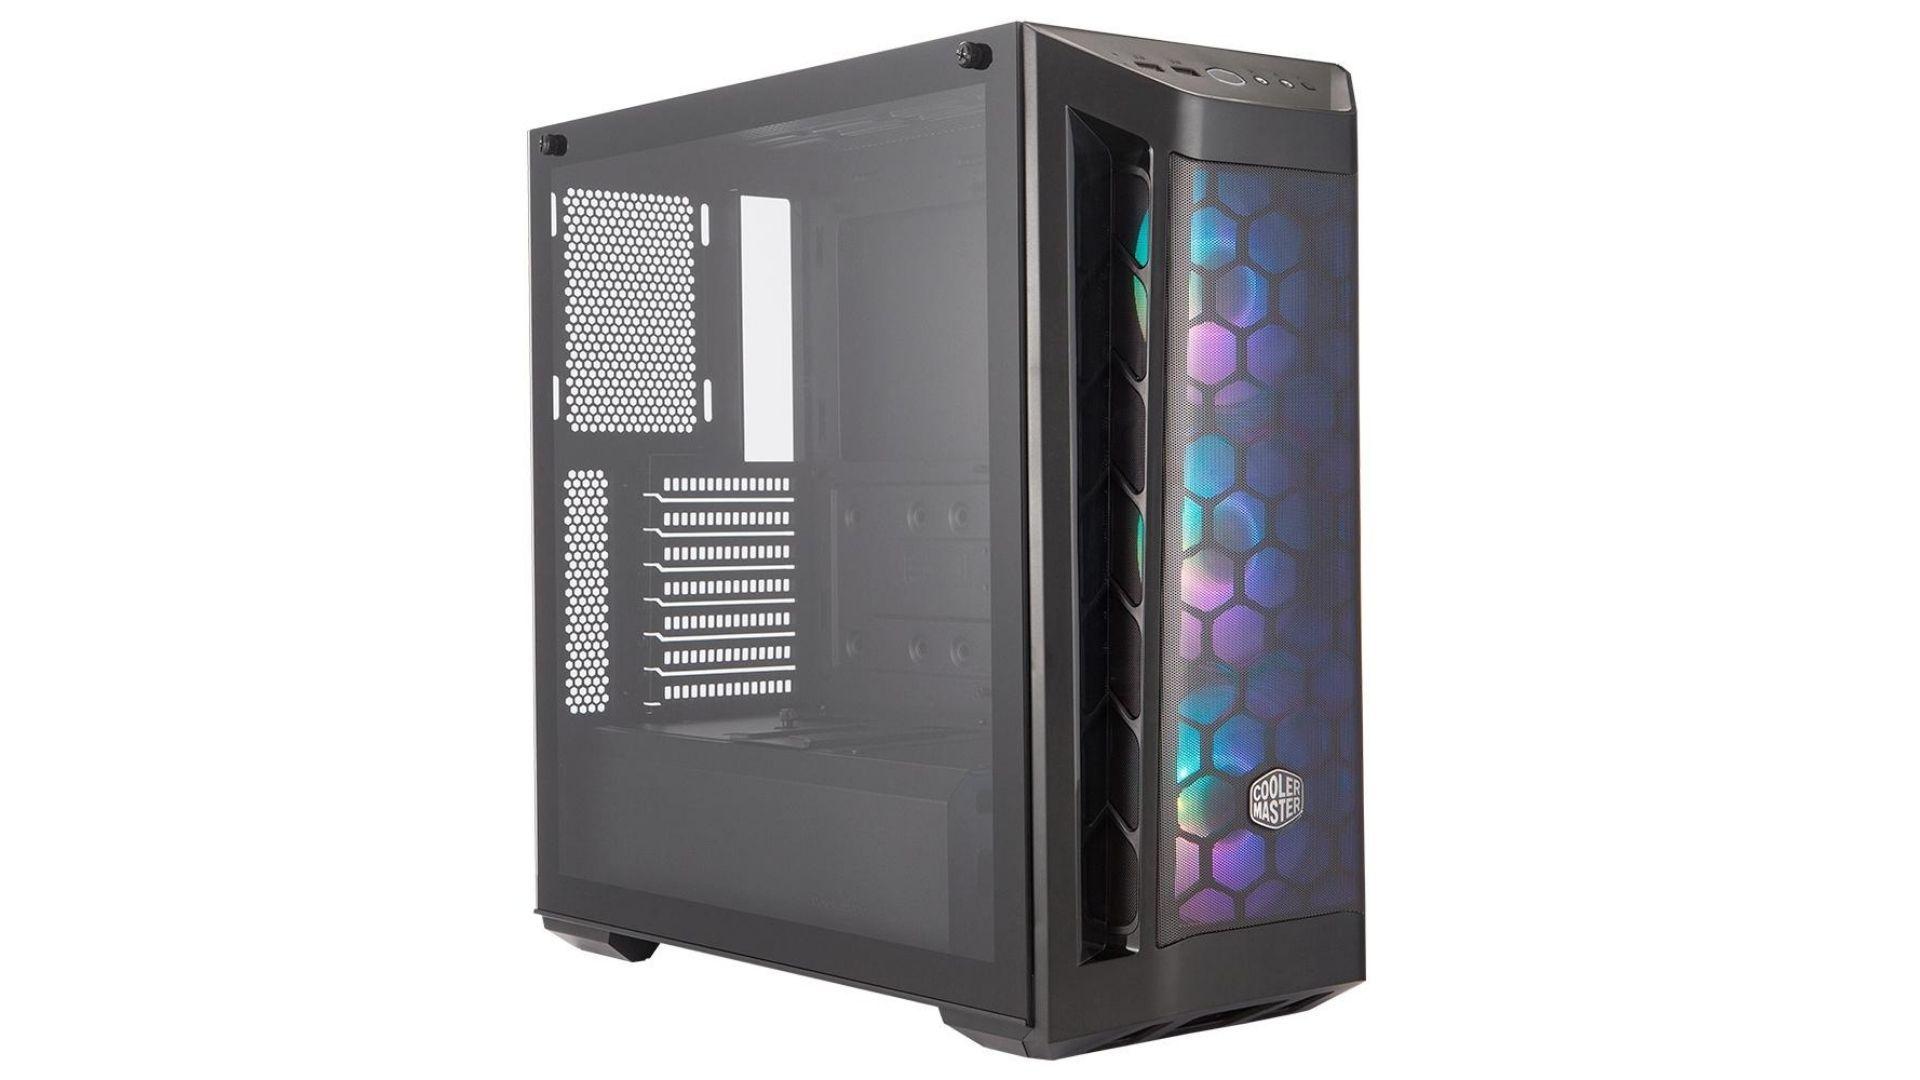 O Gabinete gamer Cooler Master Masterbox MB511 conta com fitro antipoeira (Foto: Divulgação)